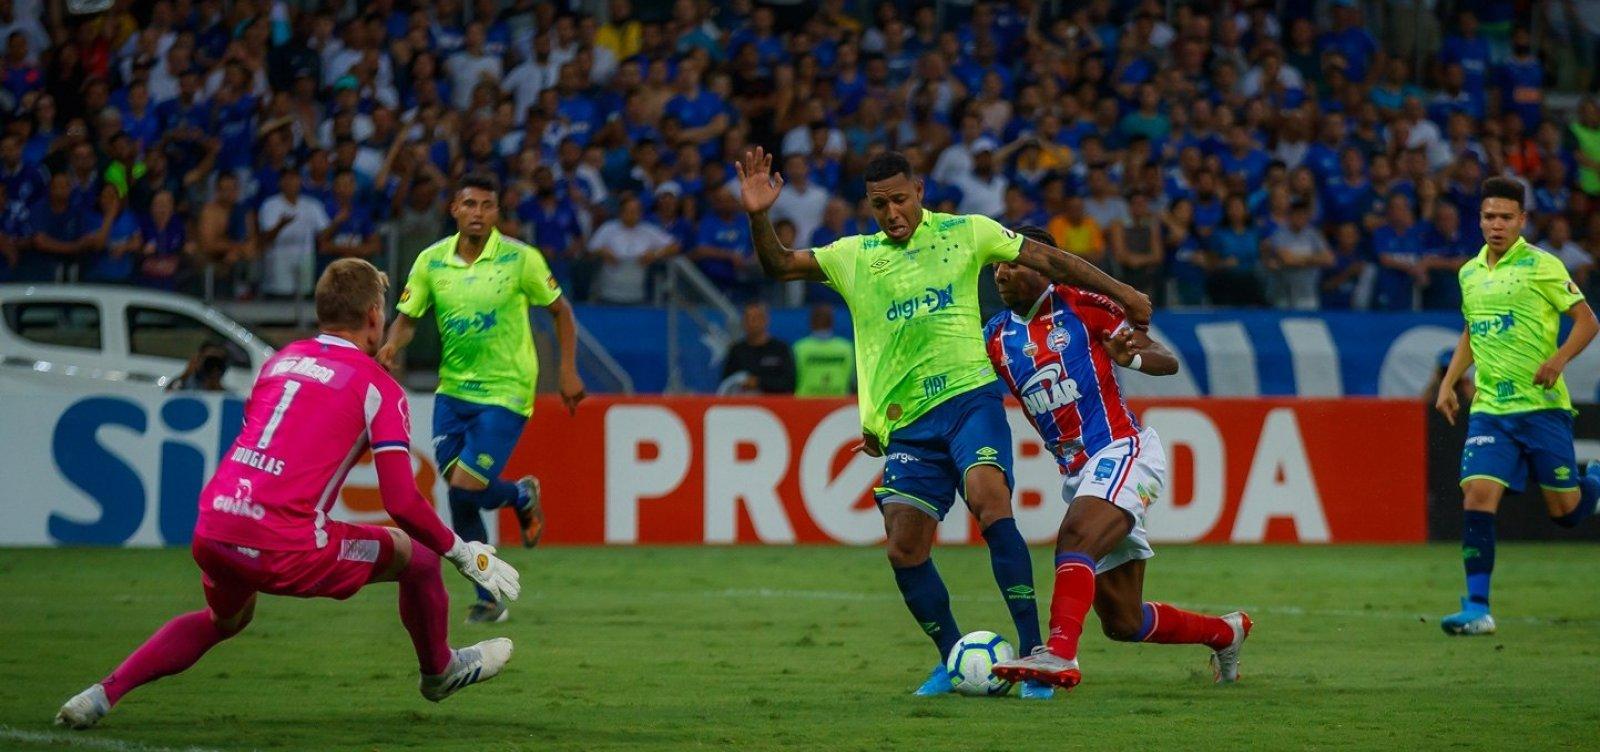 Com um a mais em campo, Bahia apenas empata com o Cruzeiro no Mineirão